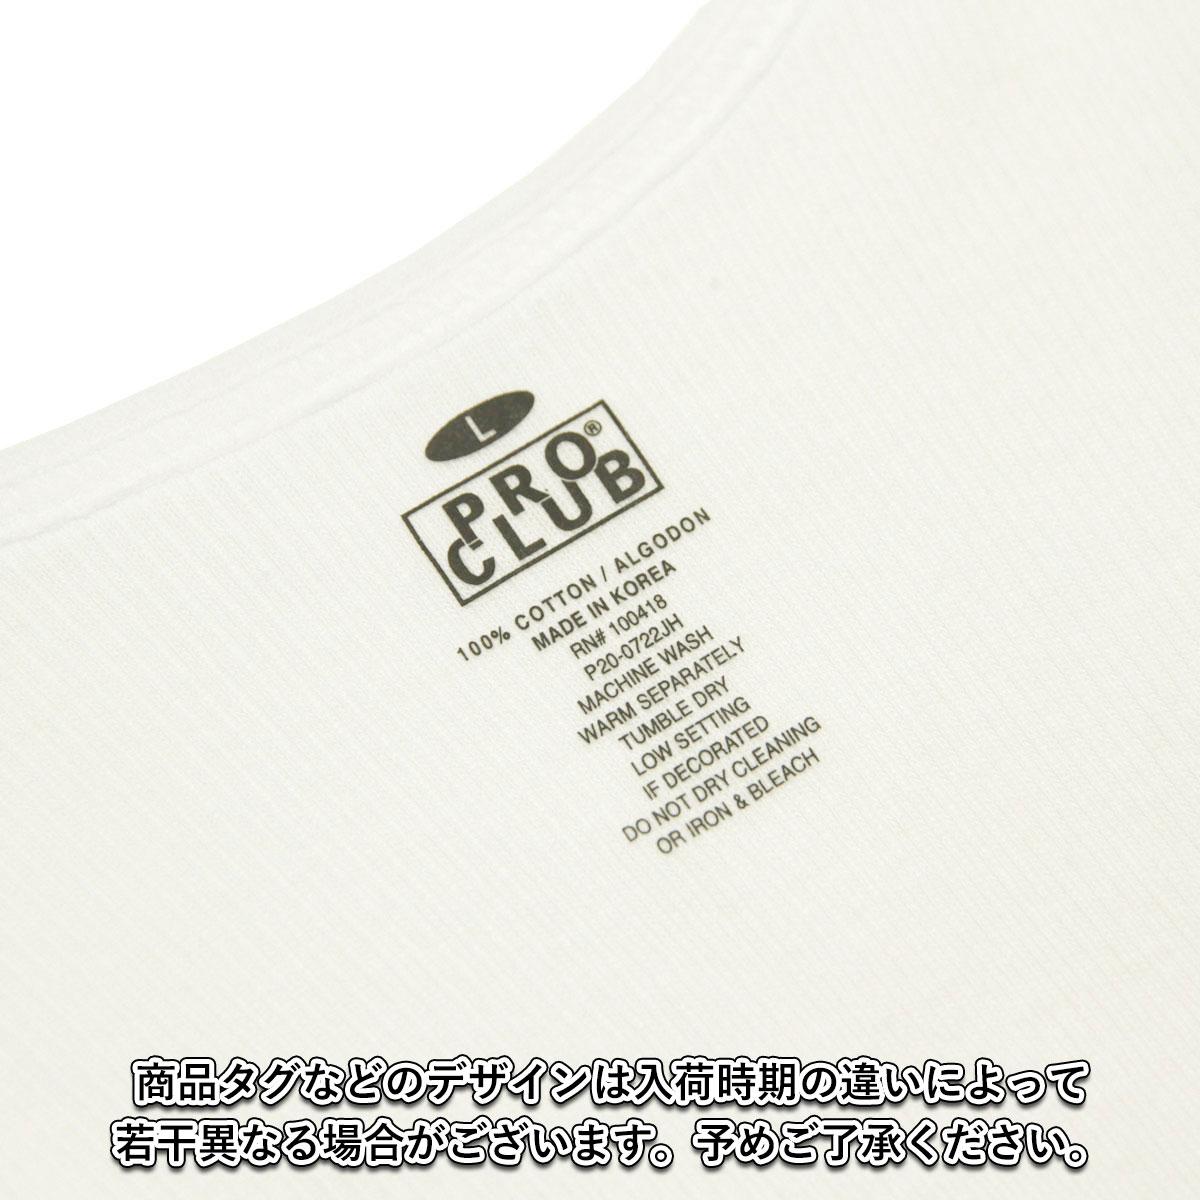 プロクラブ タンクトップ メンズ 正規販売店 PROCLUB アンダーウェア 下着 タンクトップ PREMIUM RINGSPUN COTTON RIBBED A-SHIRT WHITE #112 AB6B B1C C7D D3E E01F